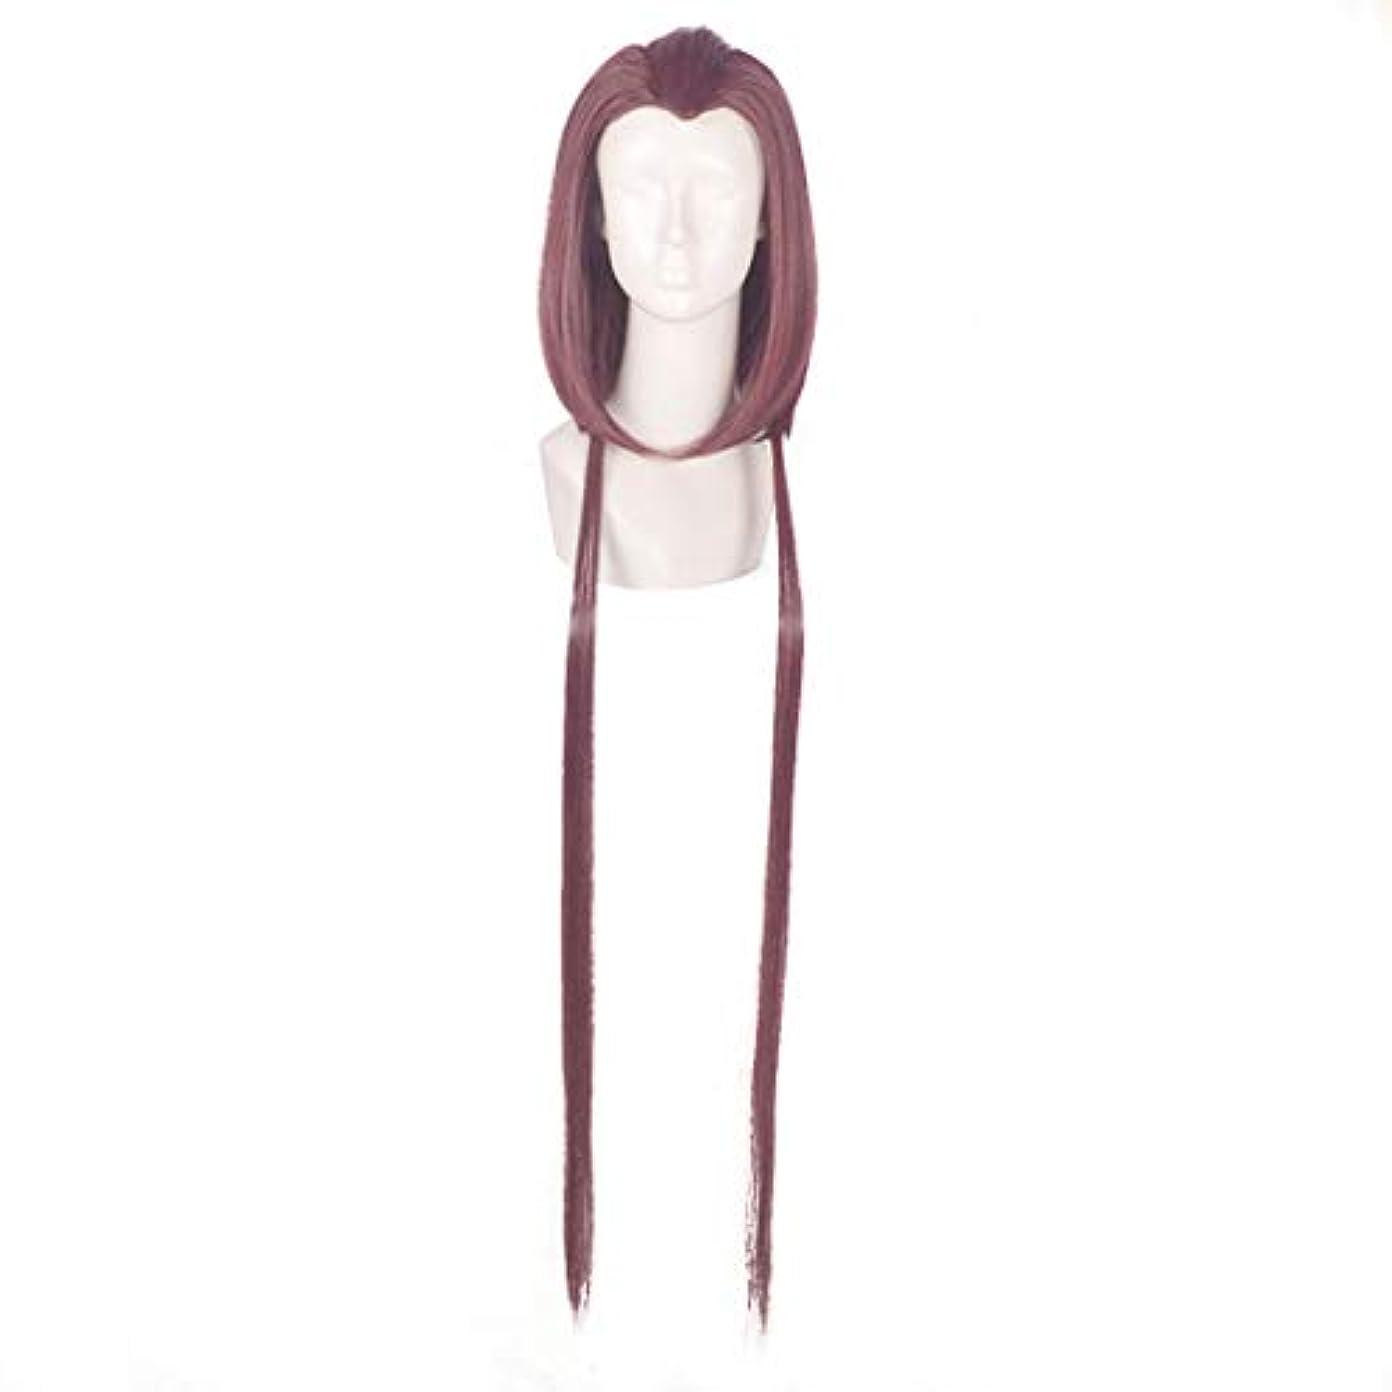 仕えるクレーンやけどJIANFU コスプレウィッグパープル美容ヒントモデリングウィッグアニメキャラクター「コールドスモークソフト」ウィッグ (Color : Purple)